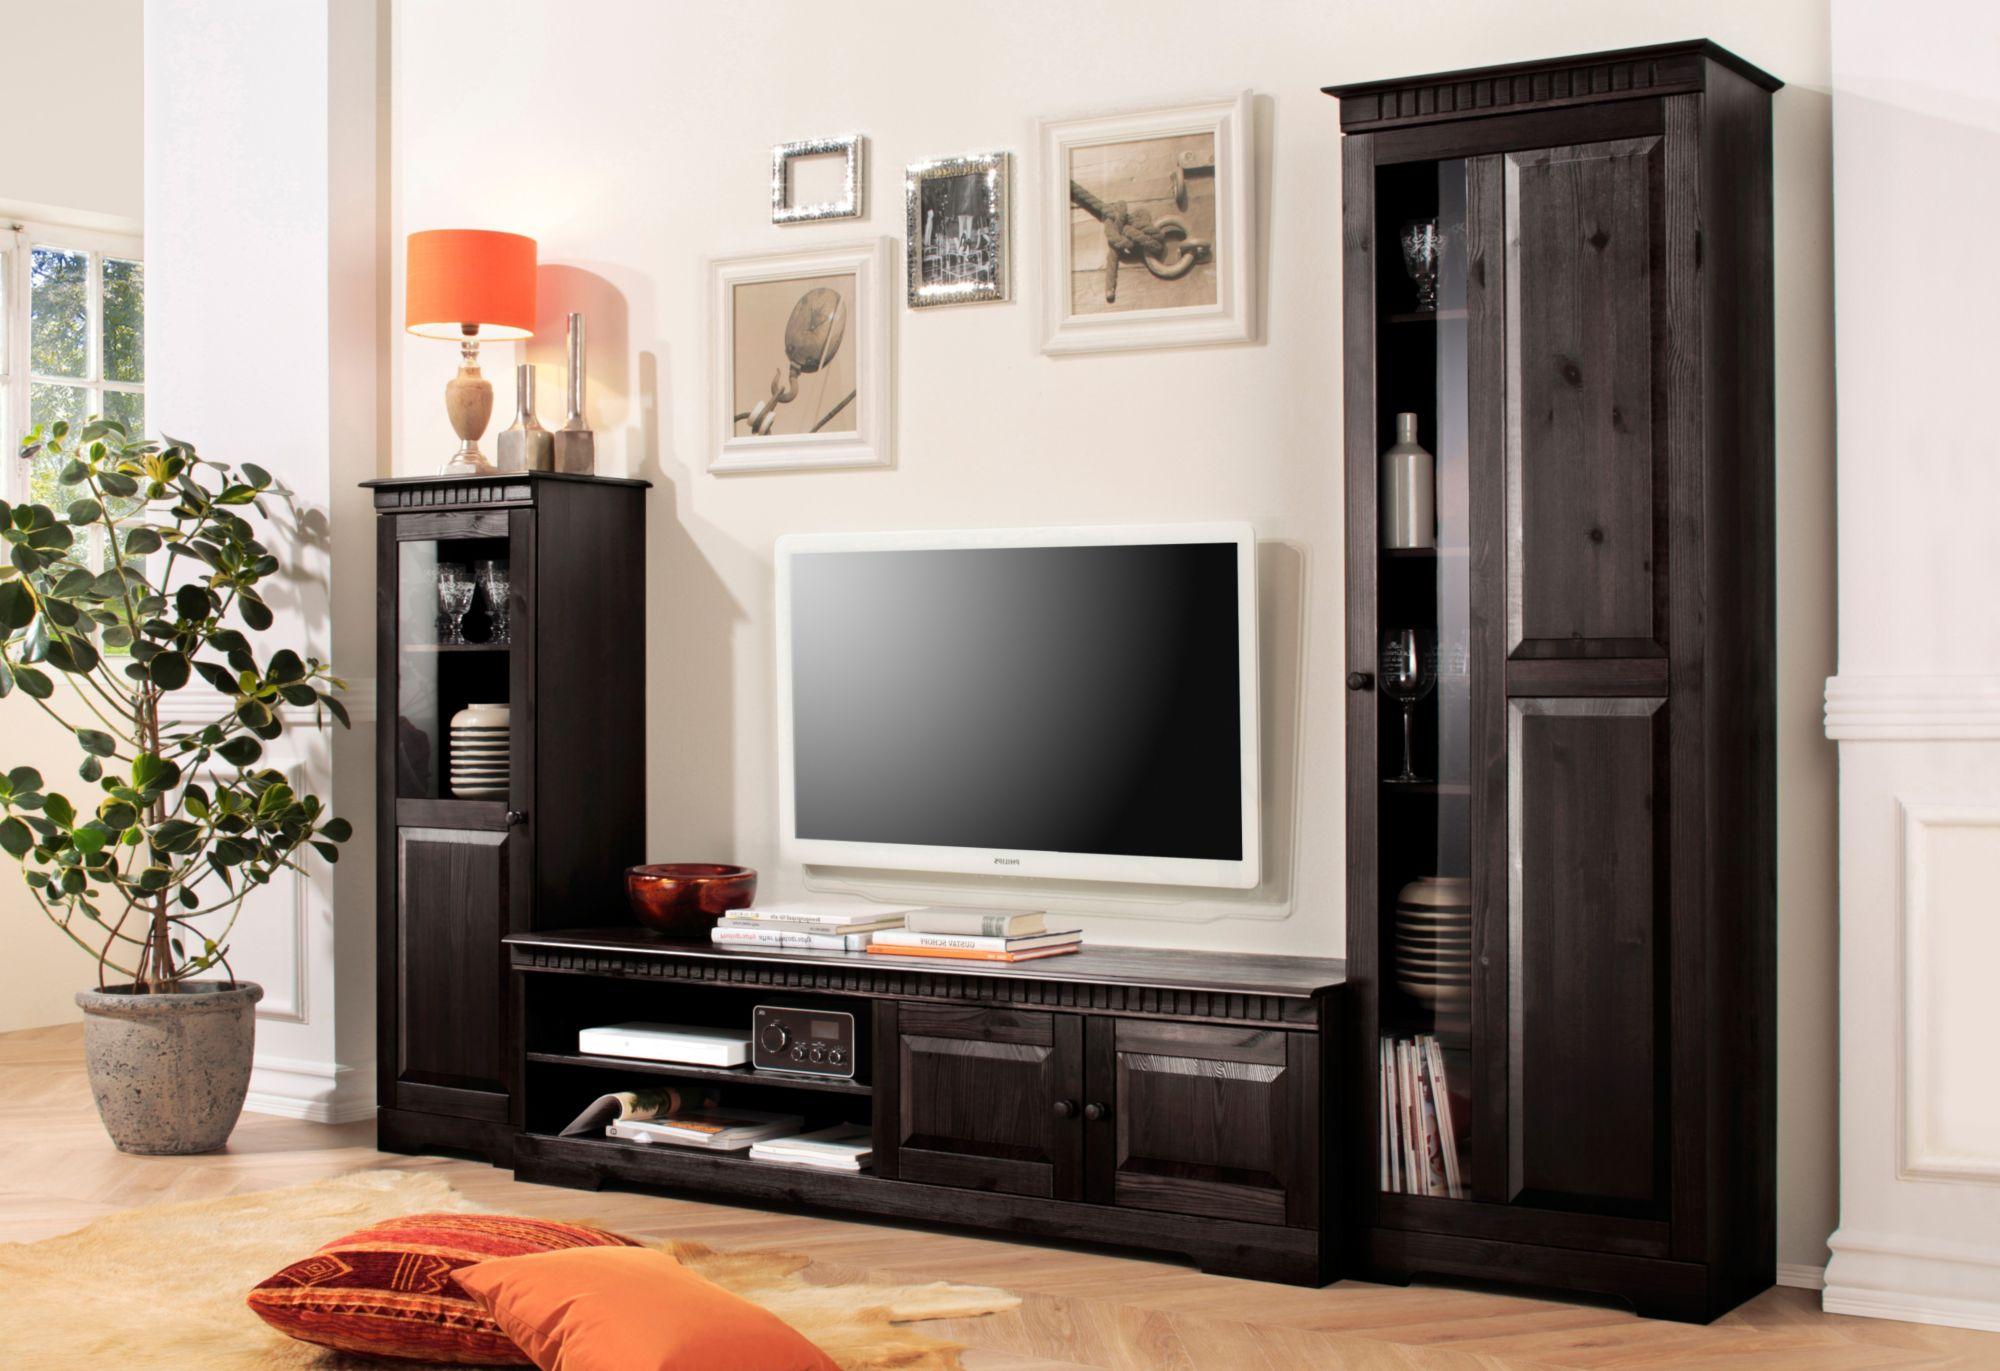 Wohnwand g nstig online kaufen beim schwab versand for Wohnwand 6 tlg home affaire breite 270 cm